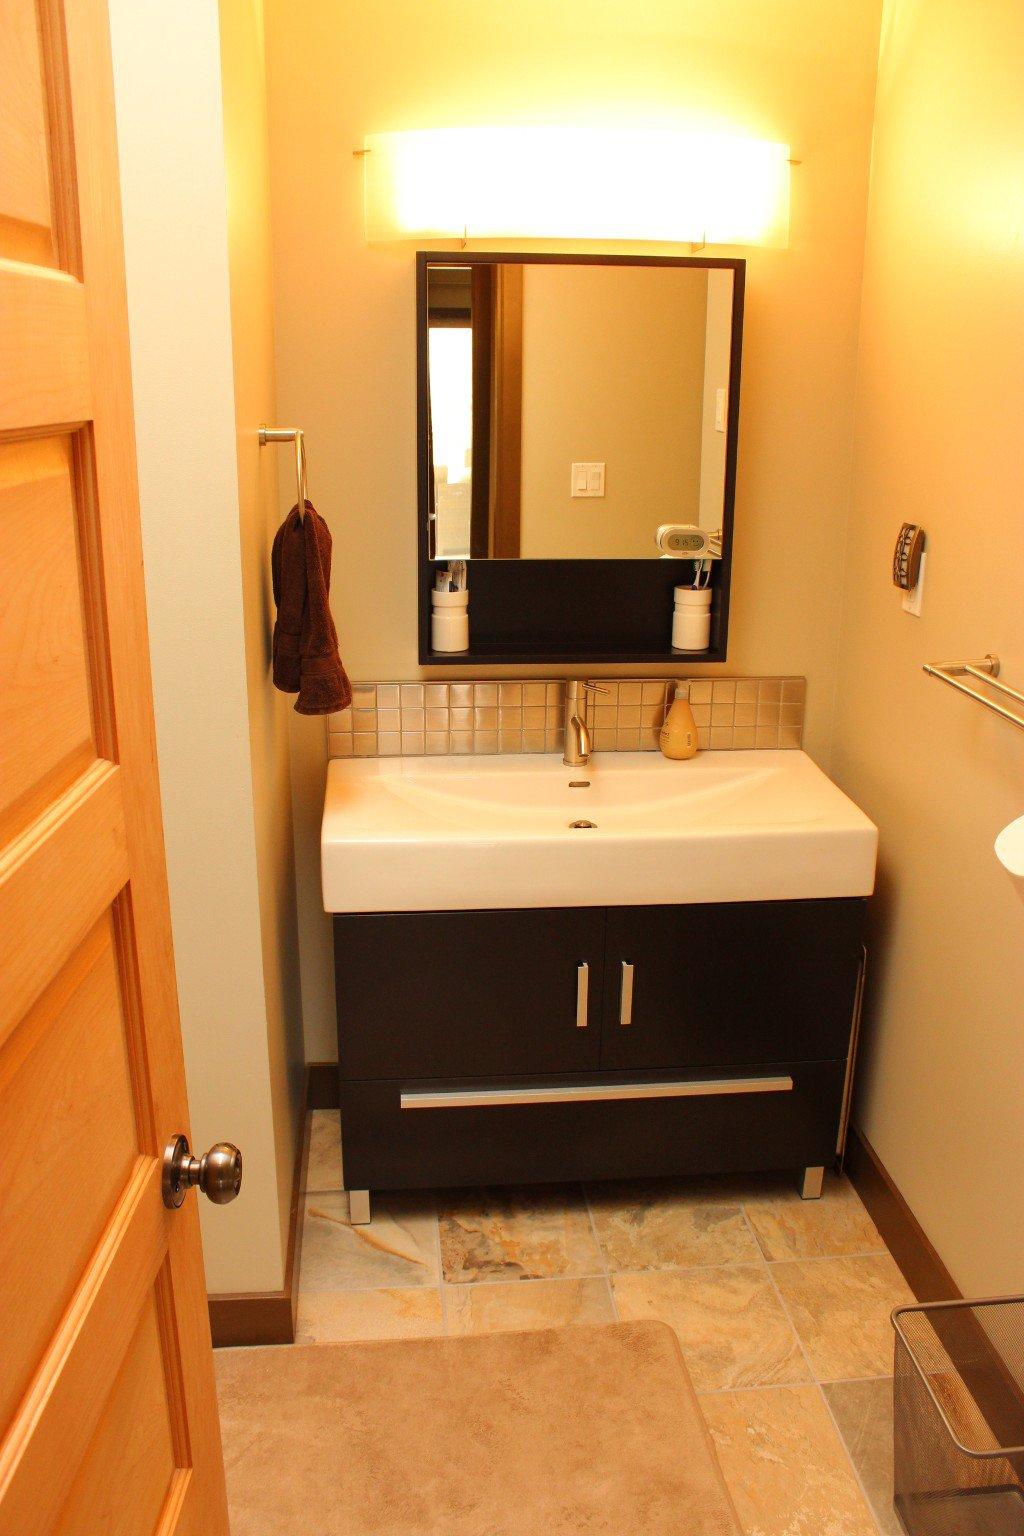 Photo 17: Photos: 6490 Barnhartvale Road in Kamloops: Barnhartvale House for sale : MLS®# 128239